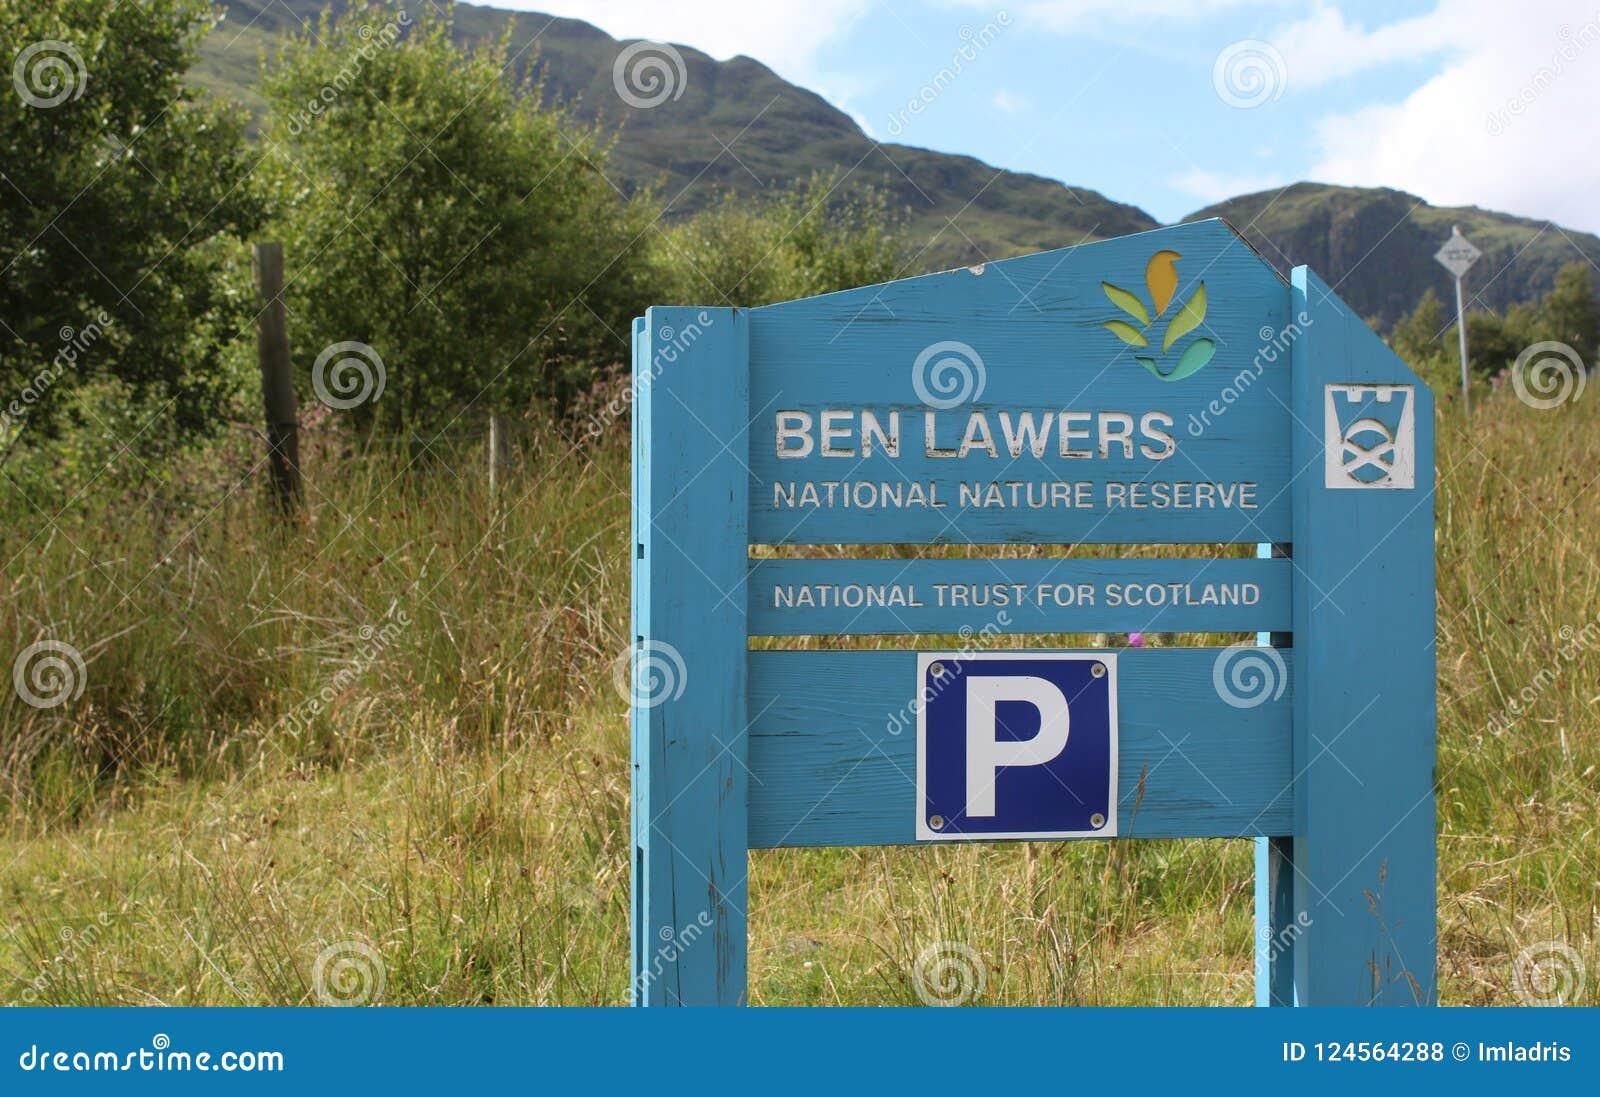 Ben Lawers Krajowy rezerwat przyrody, Szkocja